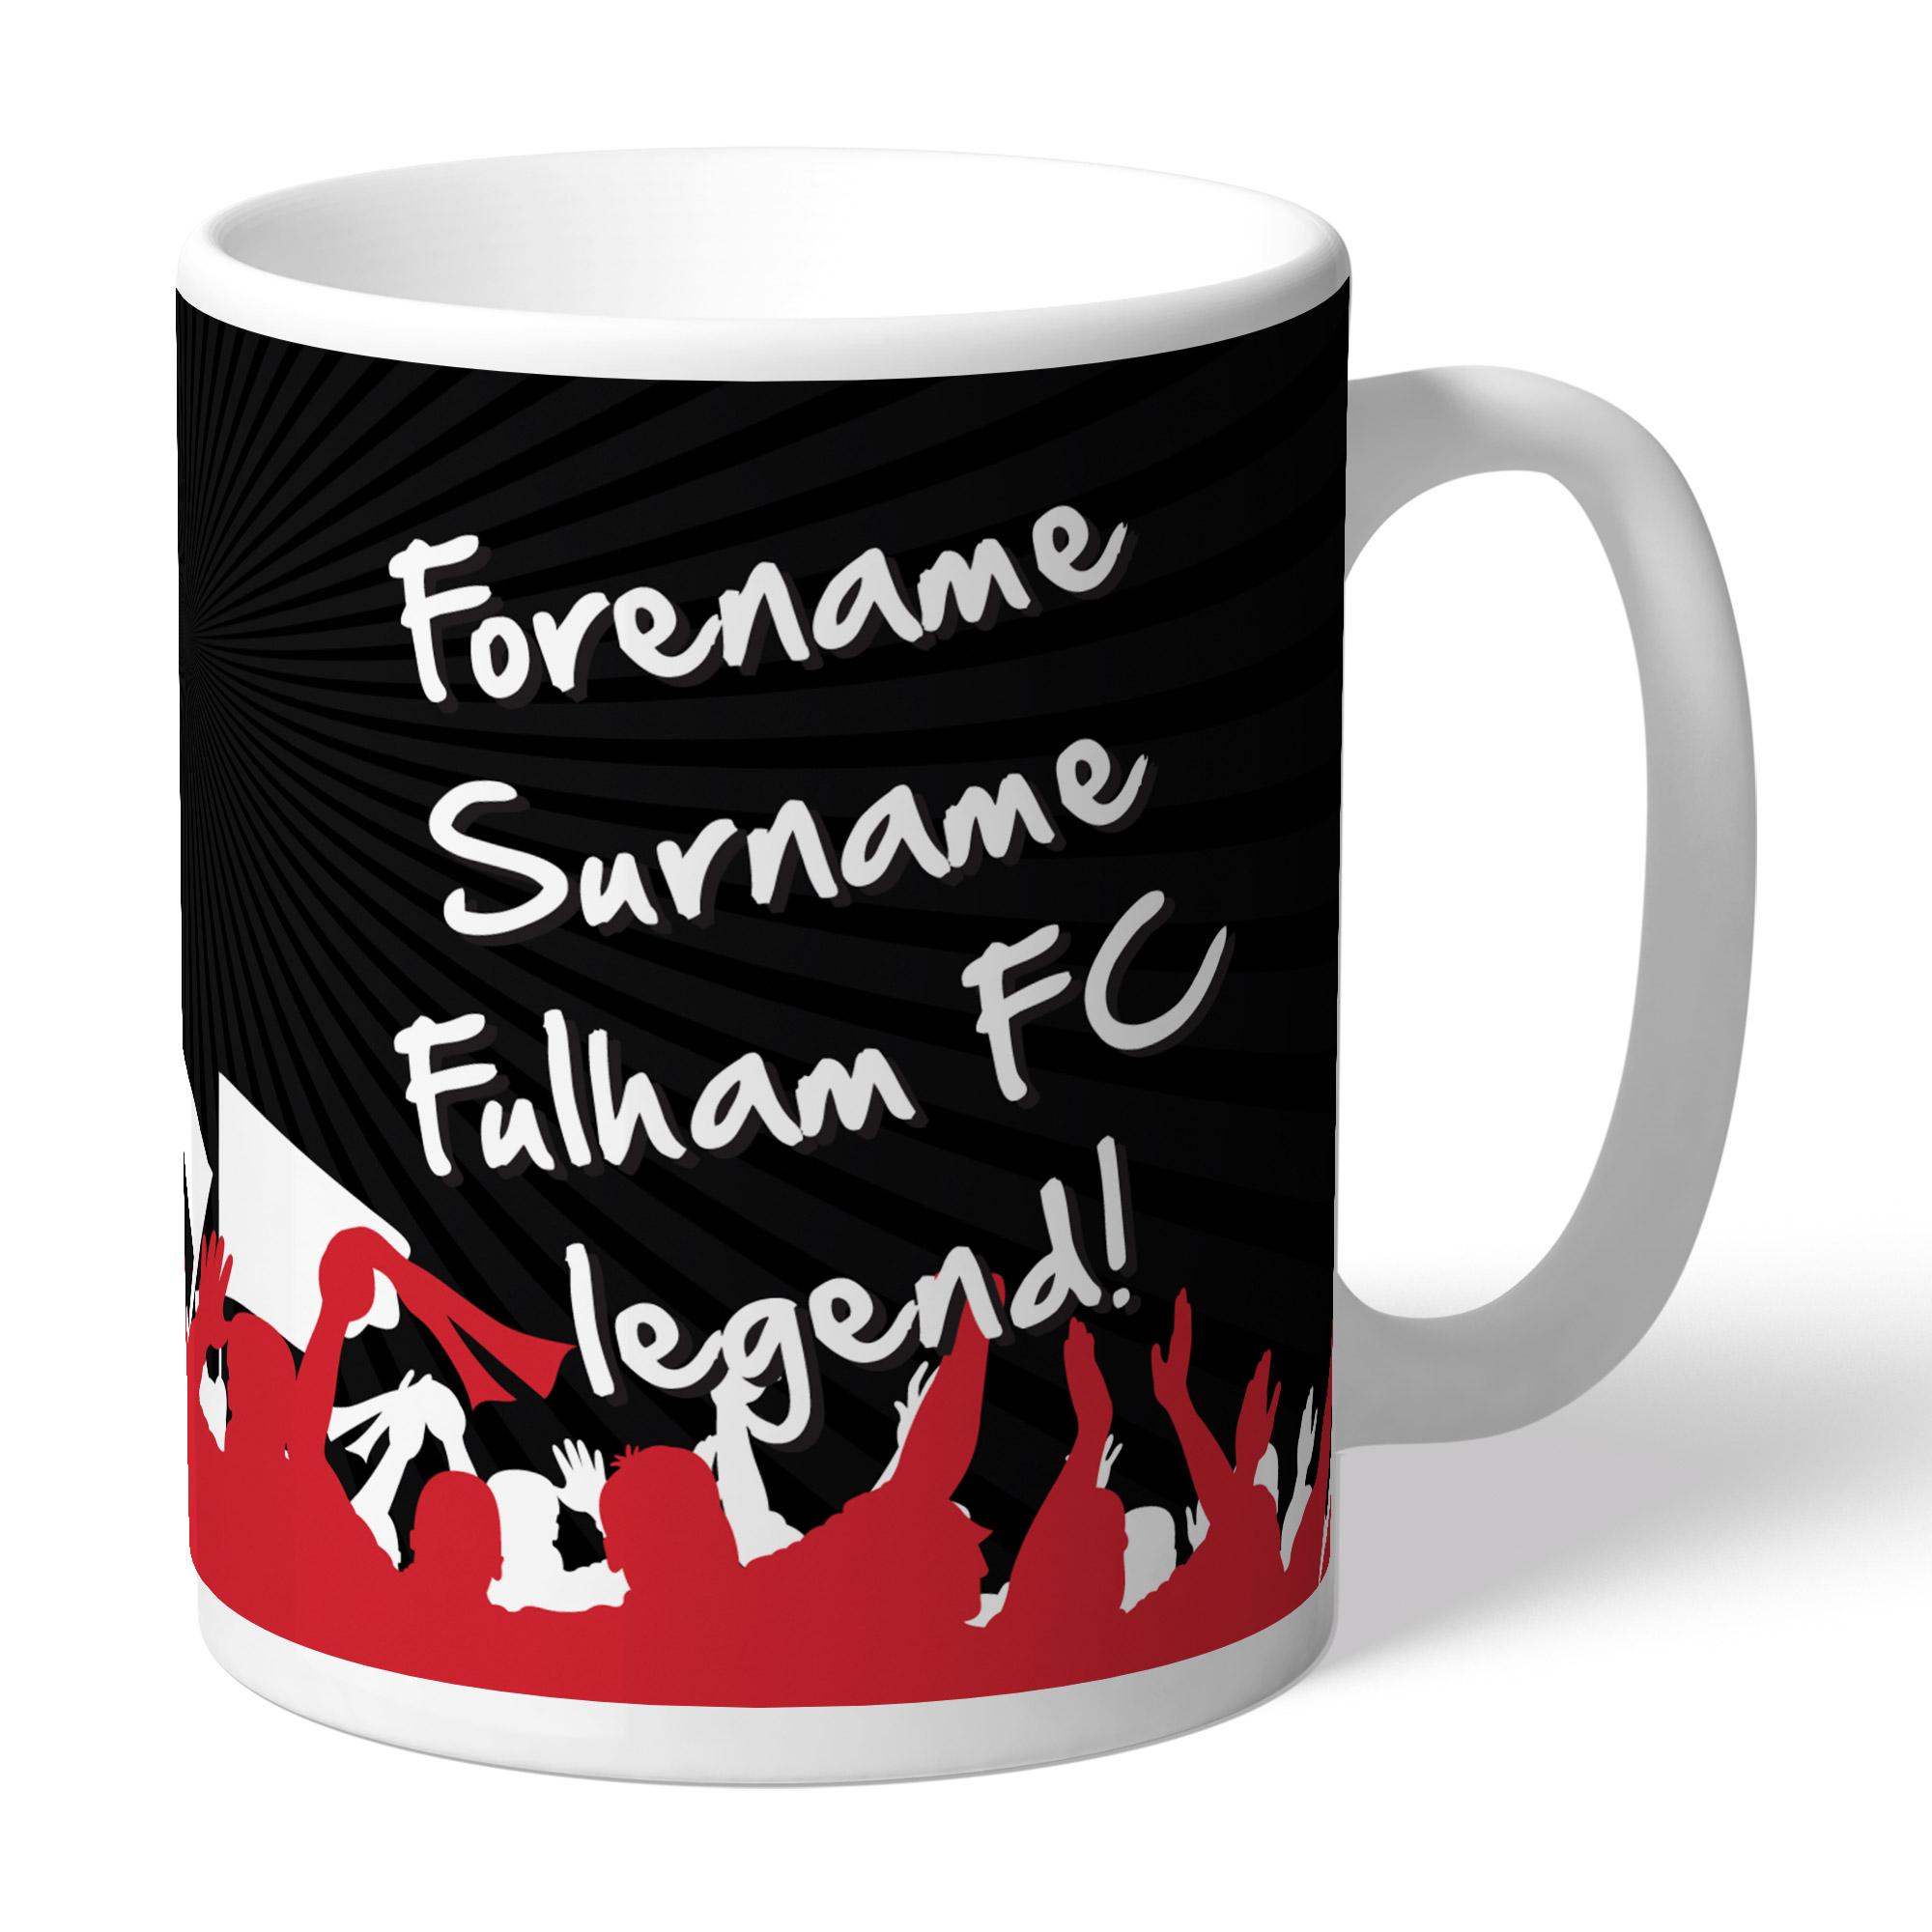 Fulham FC Legend Mug